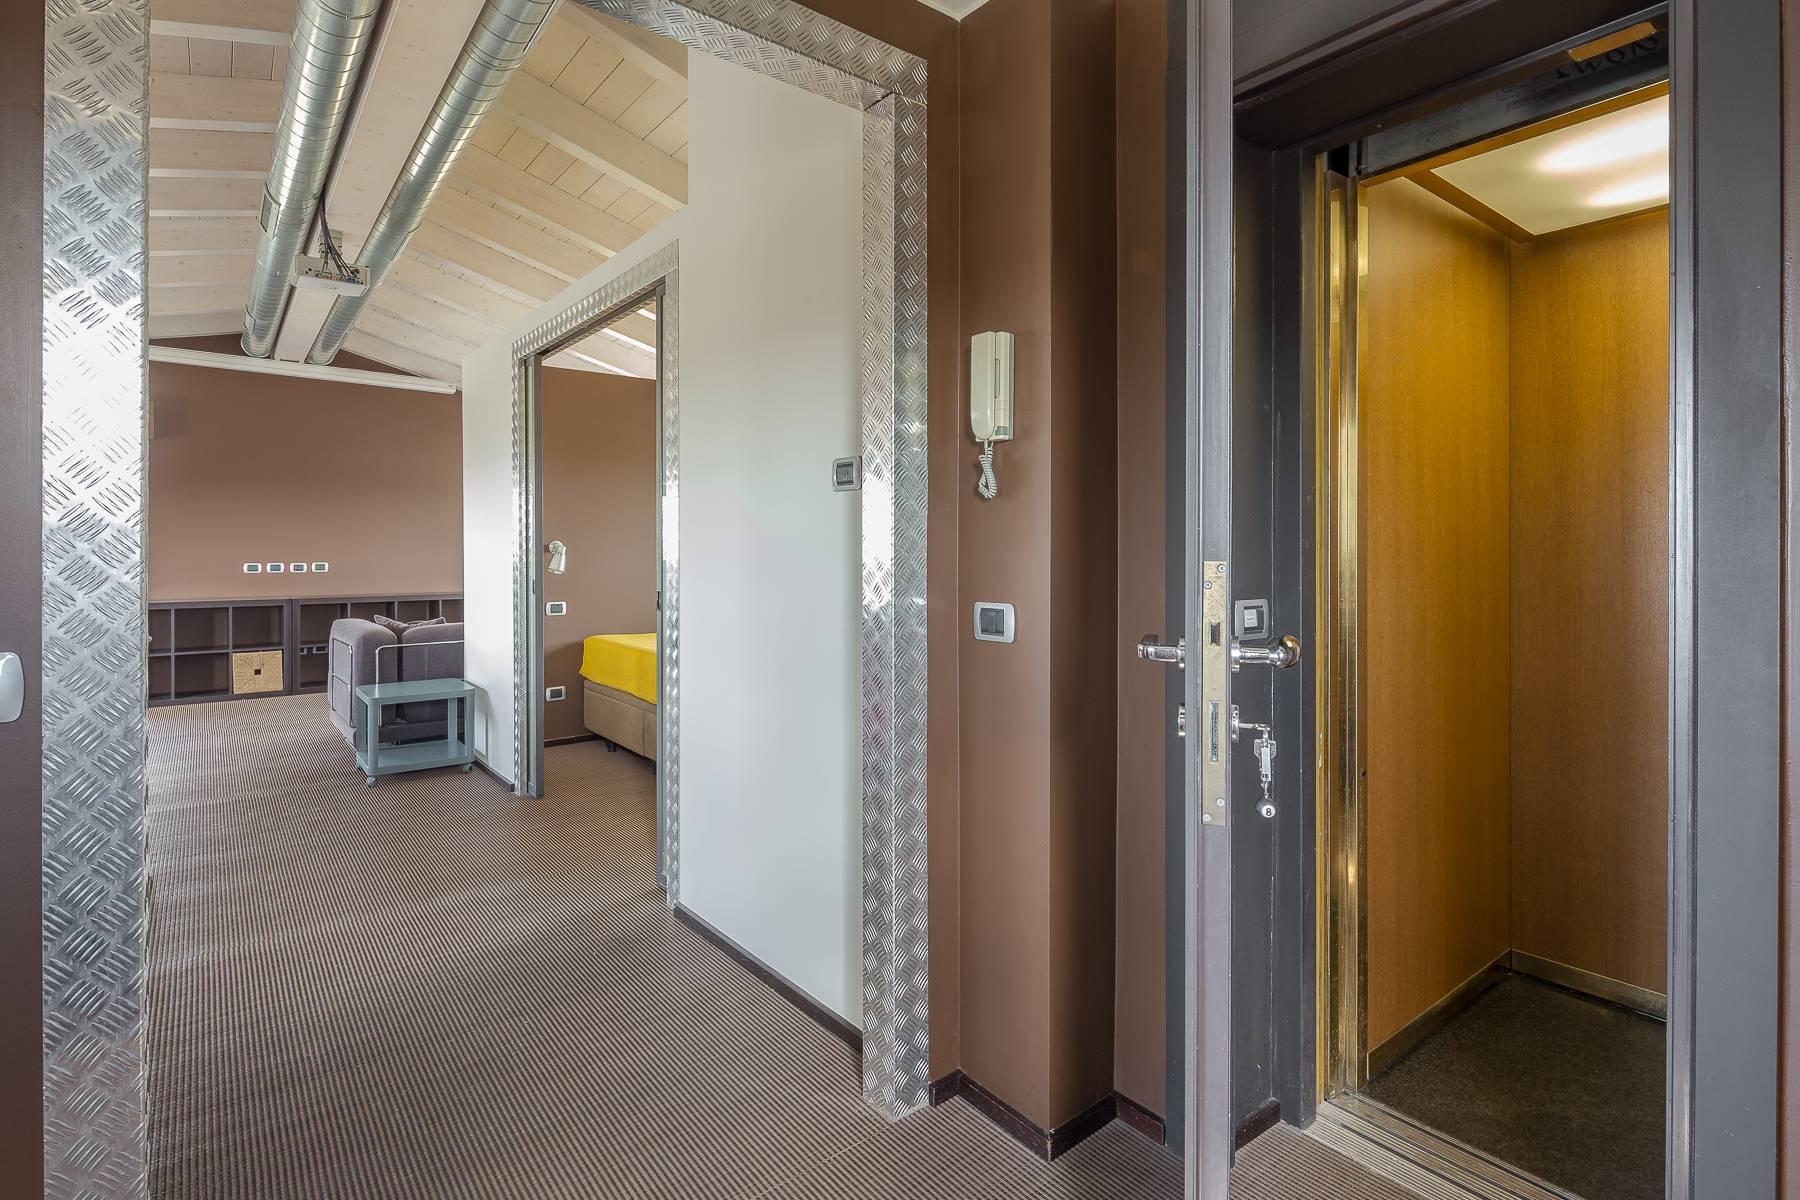 Appartamento in Affitto a Milano: 2 locali, 72 mq - Foto 2